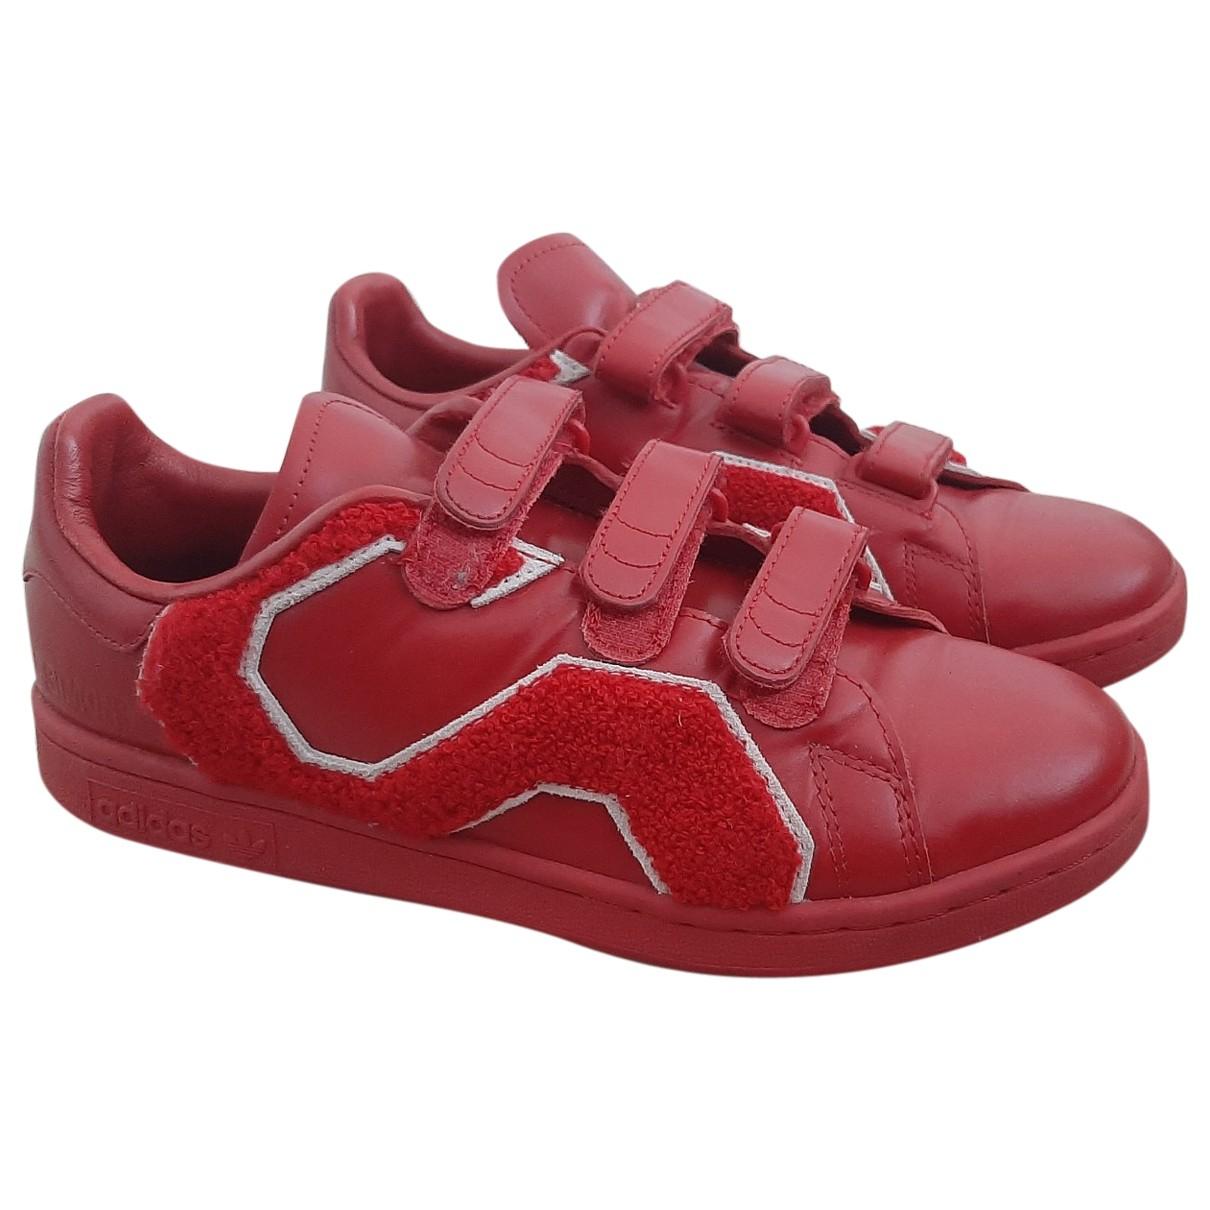 Adidas X Raf Simons - Baskets Stan Smith pour femme en cuir - rouge